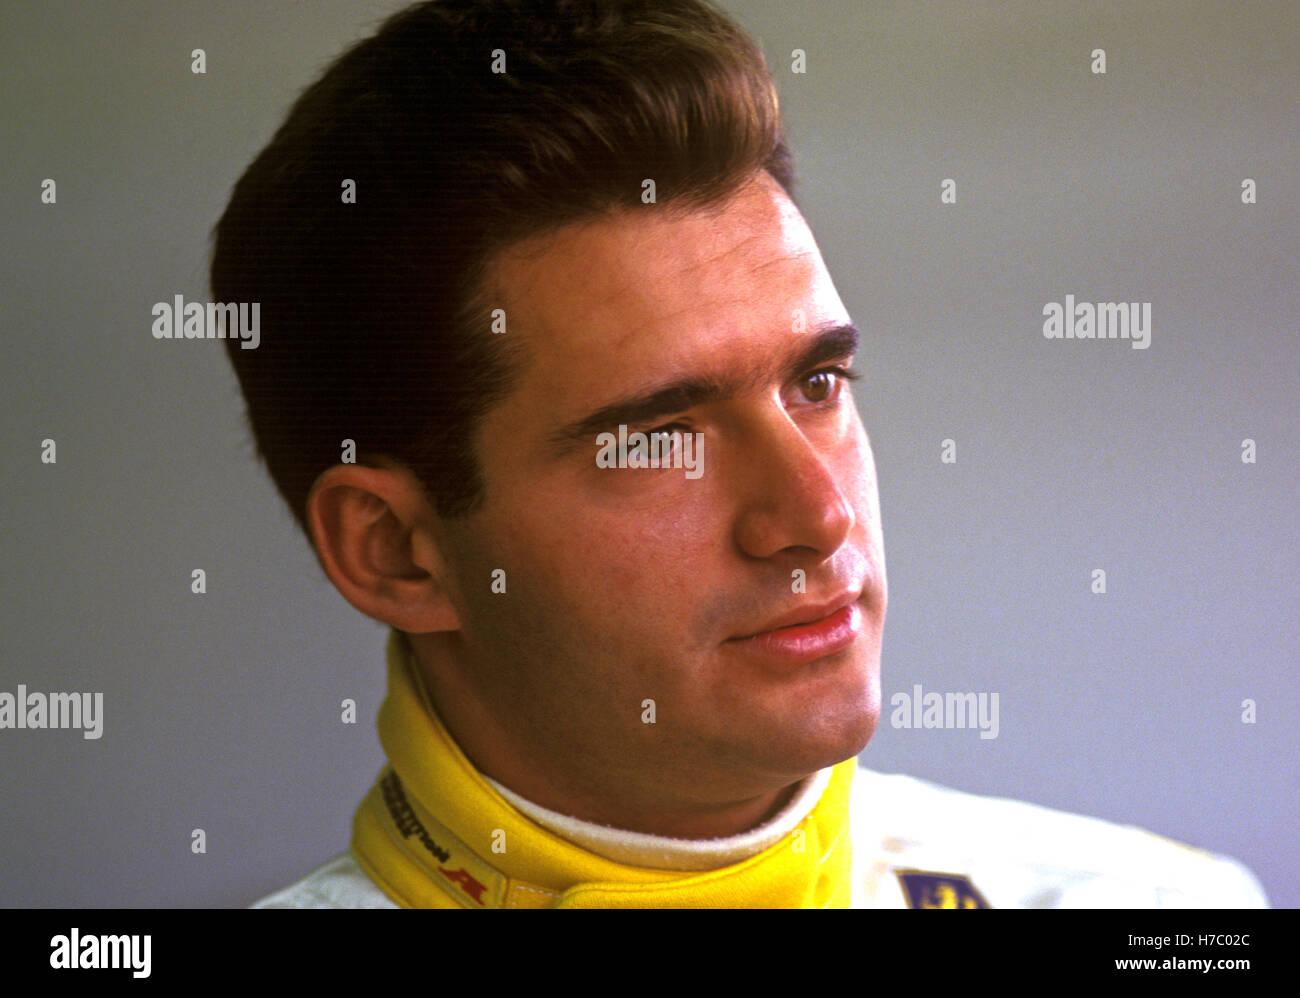 1992 Gianni Morbidelli - Stock Image